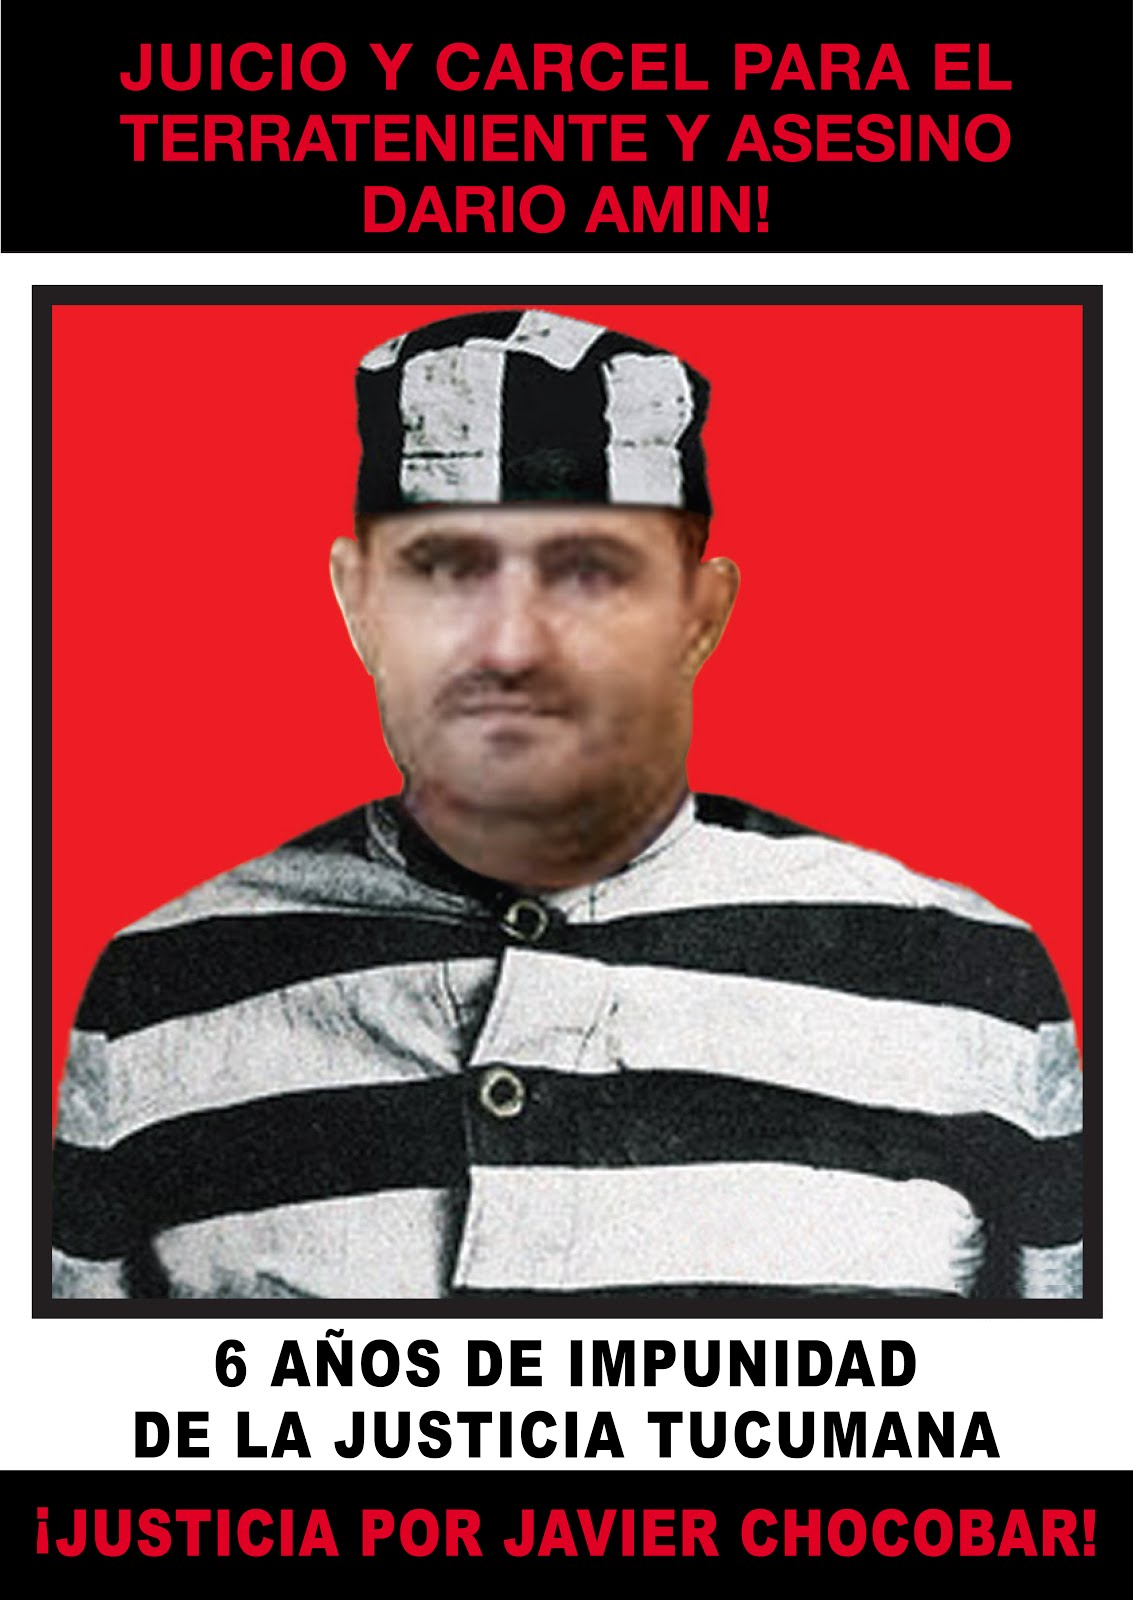 6 AÑOS DE IMPUNIDAD: ¡JUICIO Y CARCEL PARA LOS ASESINOS DE JAVIER CHOCOBAR!